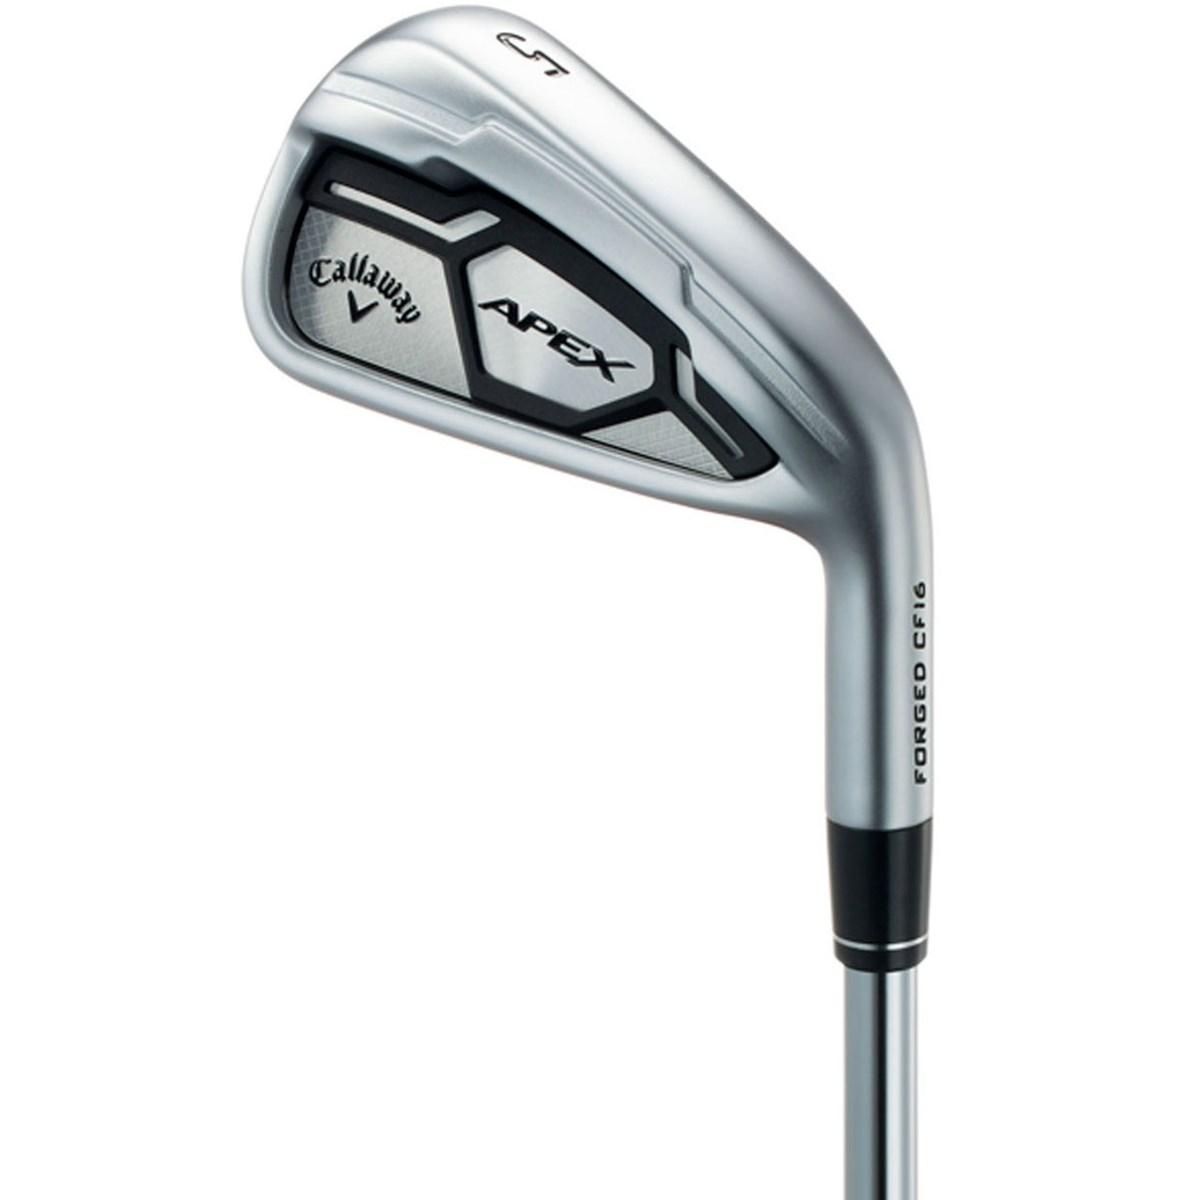 キャロウェイゴルフ(Callaway Golf) APEX アイアン(単品) N.S.PRO 950GH